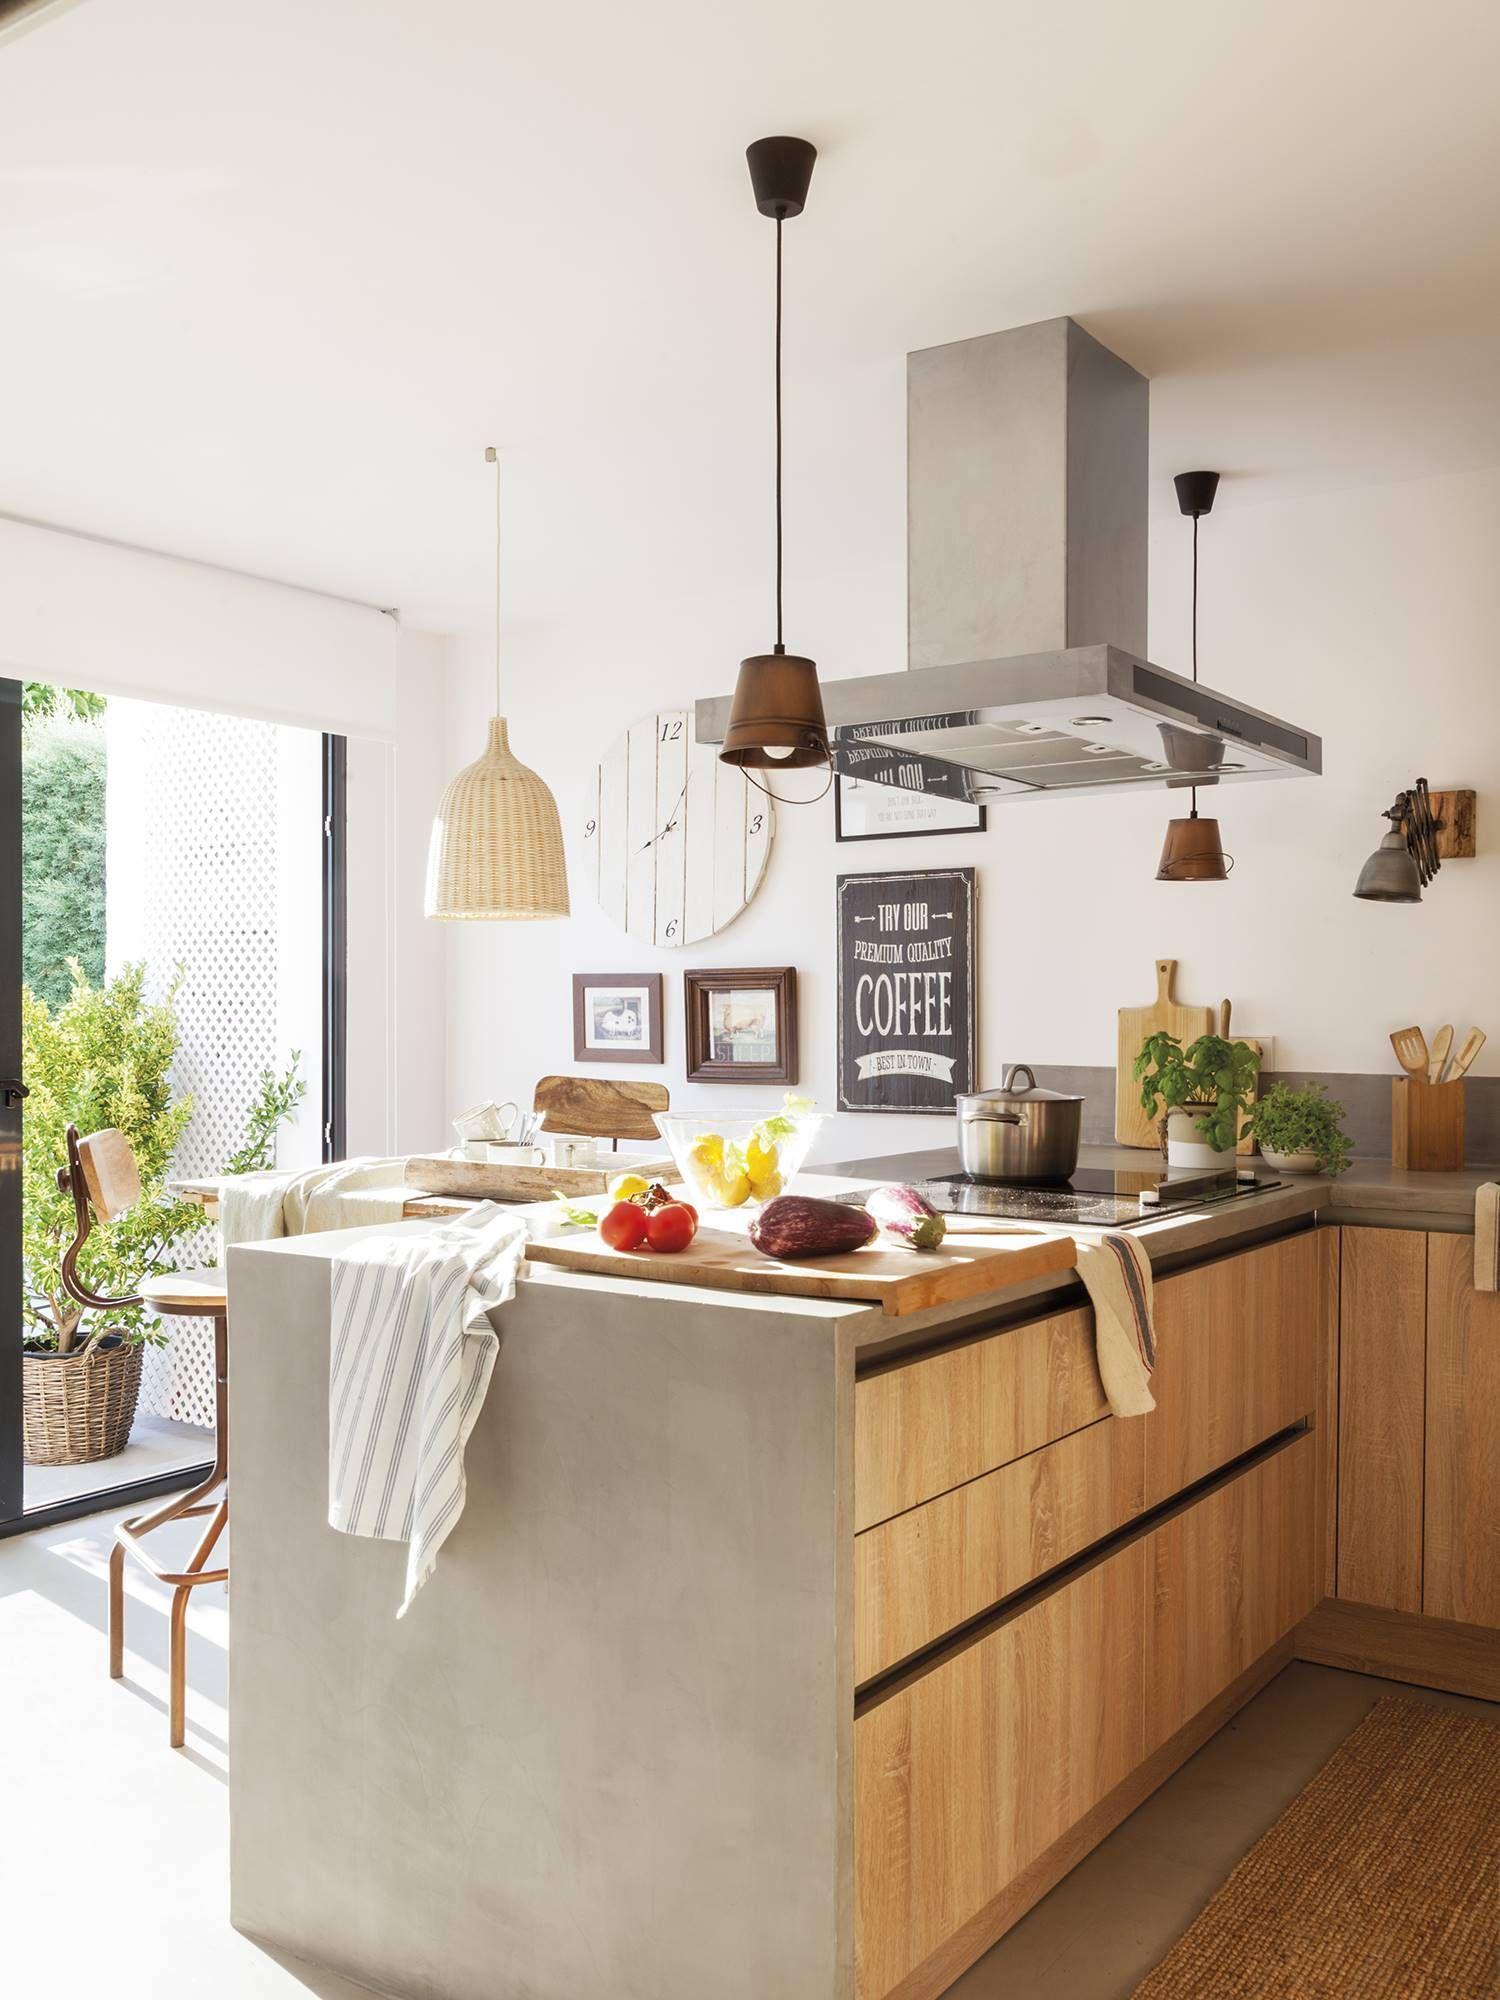 Une maison zen à Madrid  Cocina contemporánea, Diseño de cocina